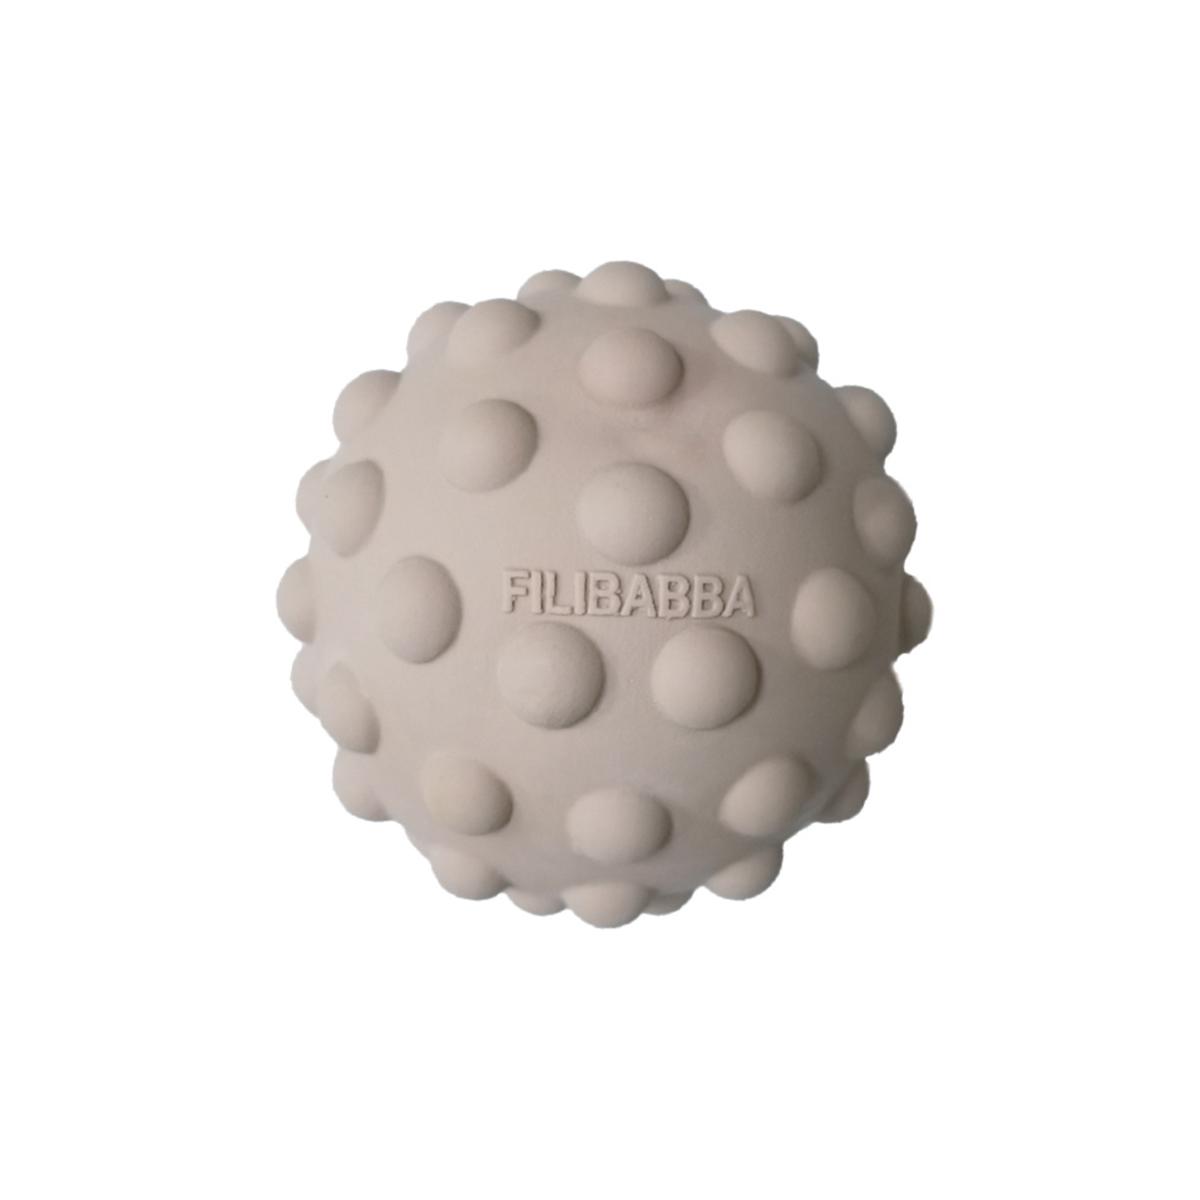 Filibabba Balle sensorielle Pil Rose Poudré